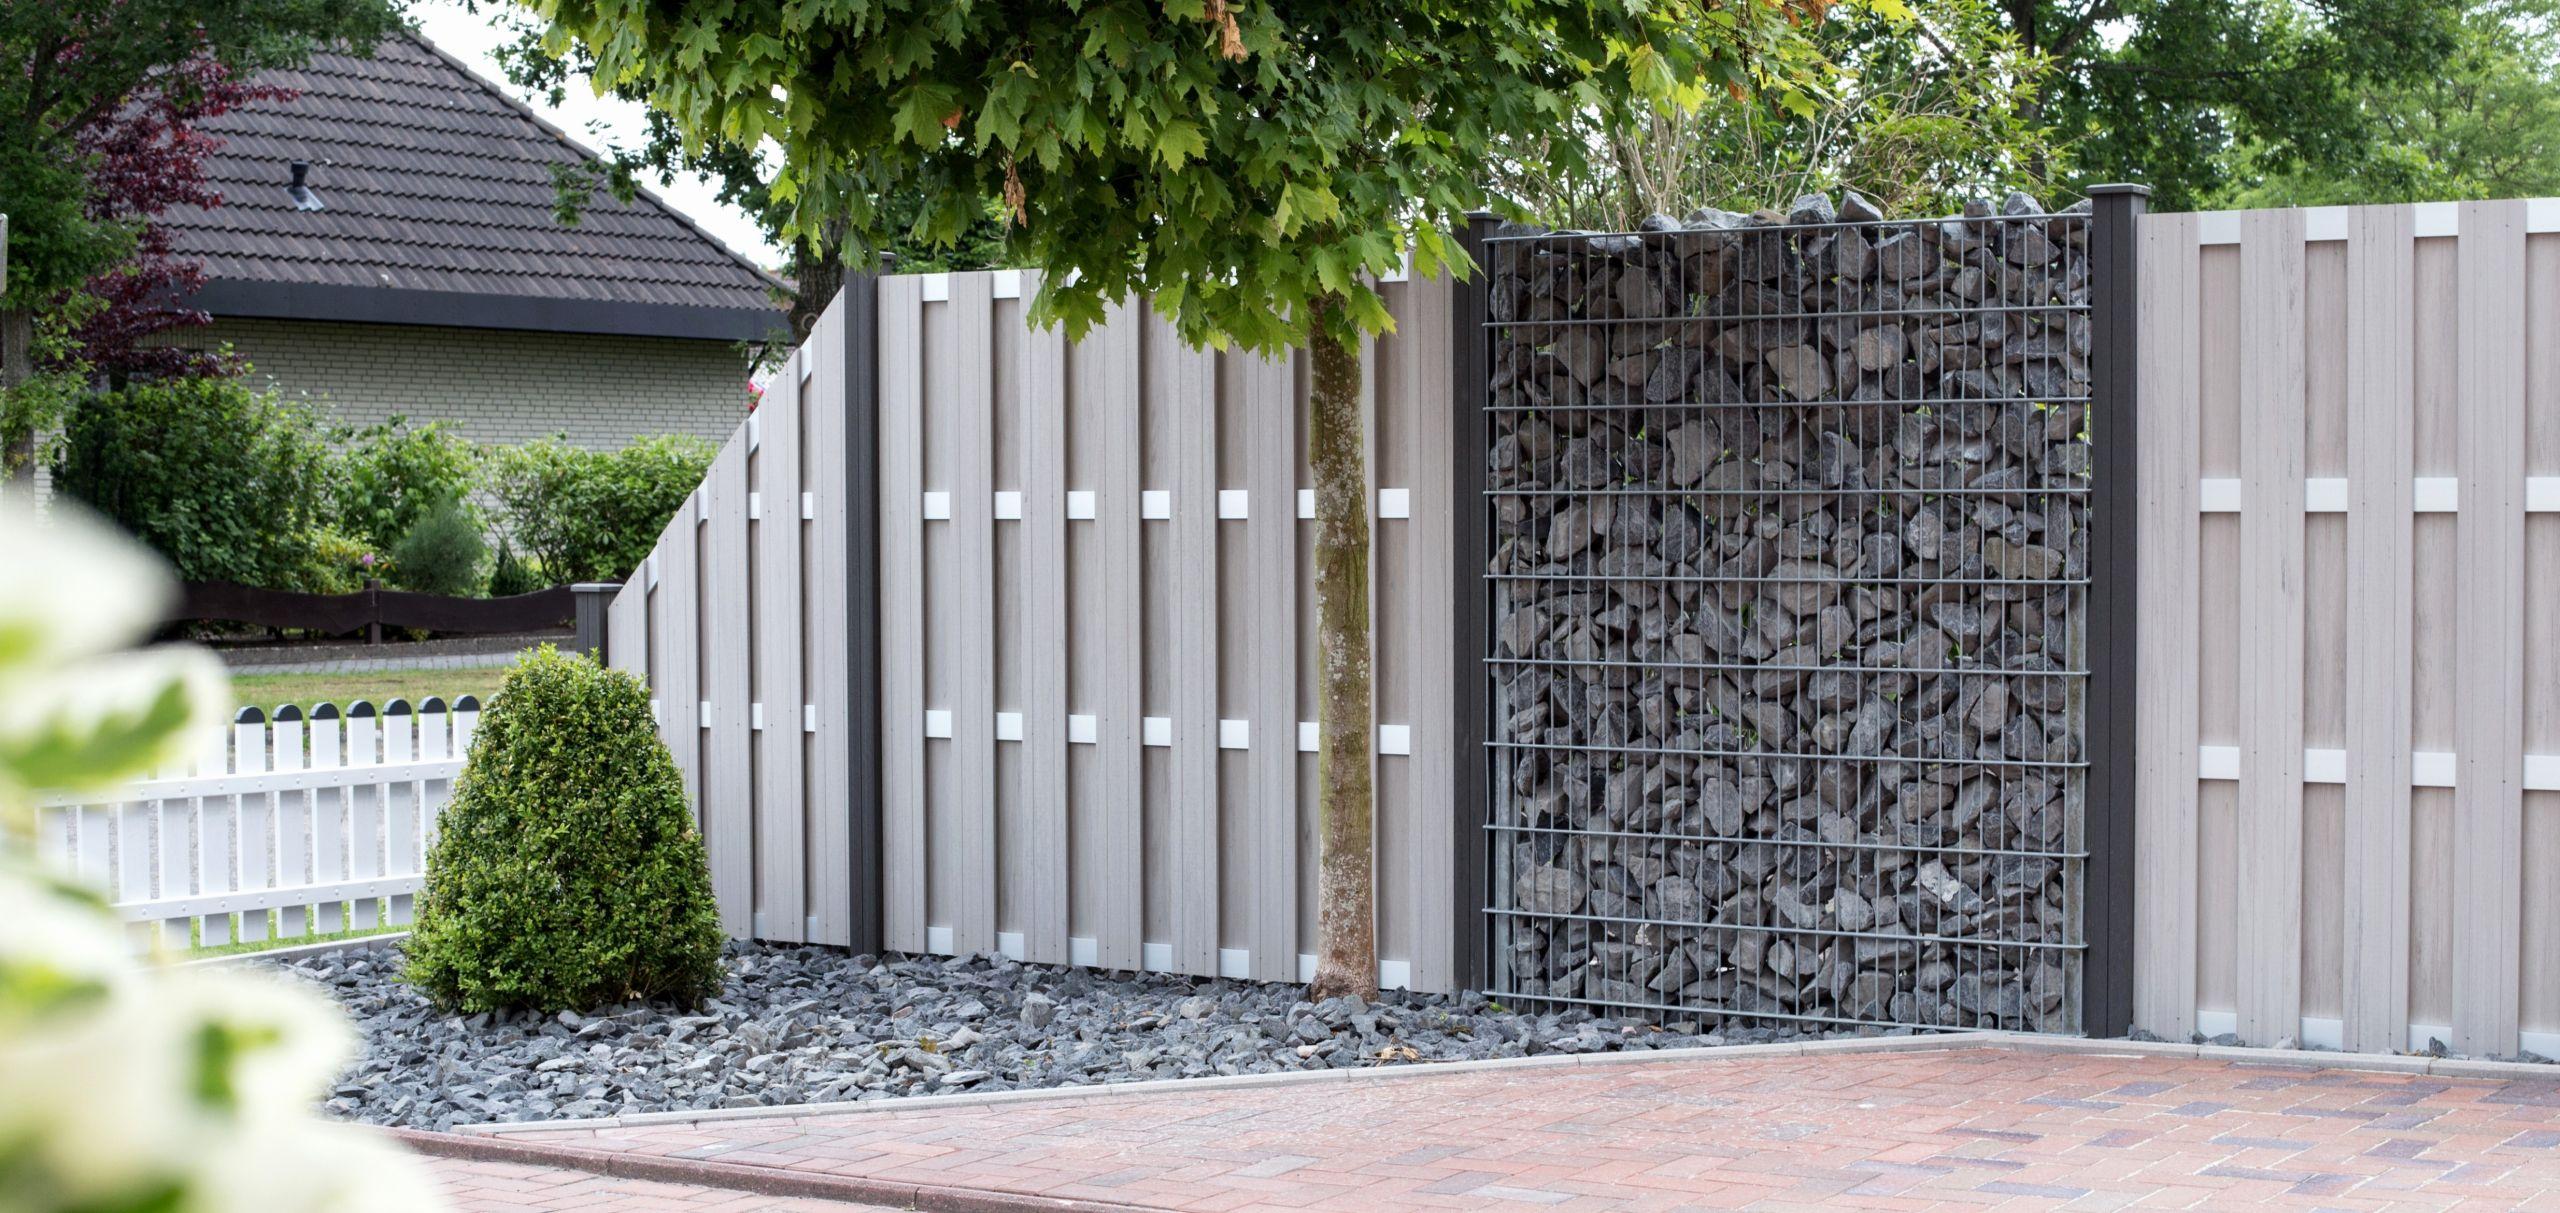 meuble pour terrasse 96 concept meuble rangement terrasse trc2a8s populaire of meuble pour terrasse